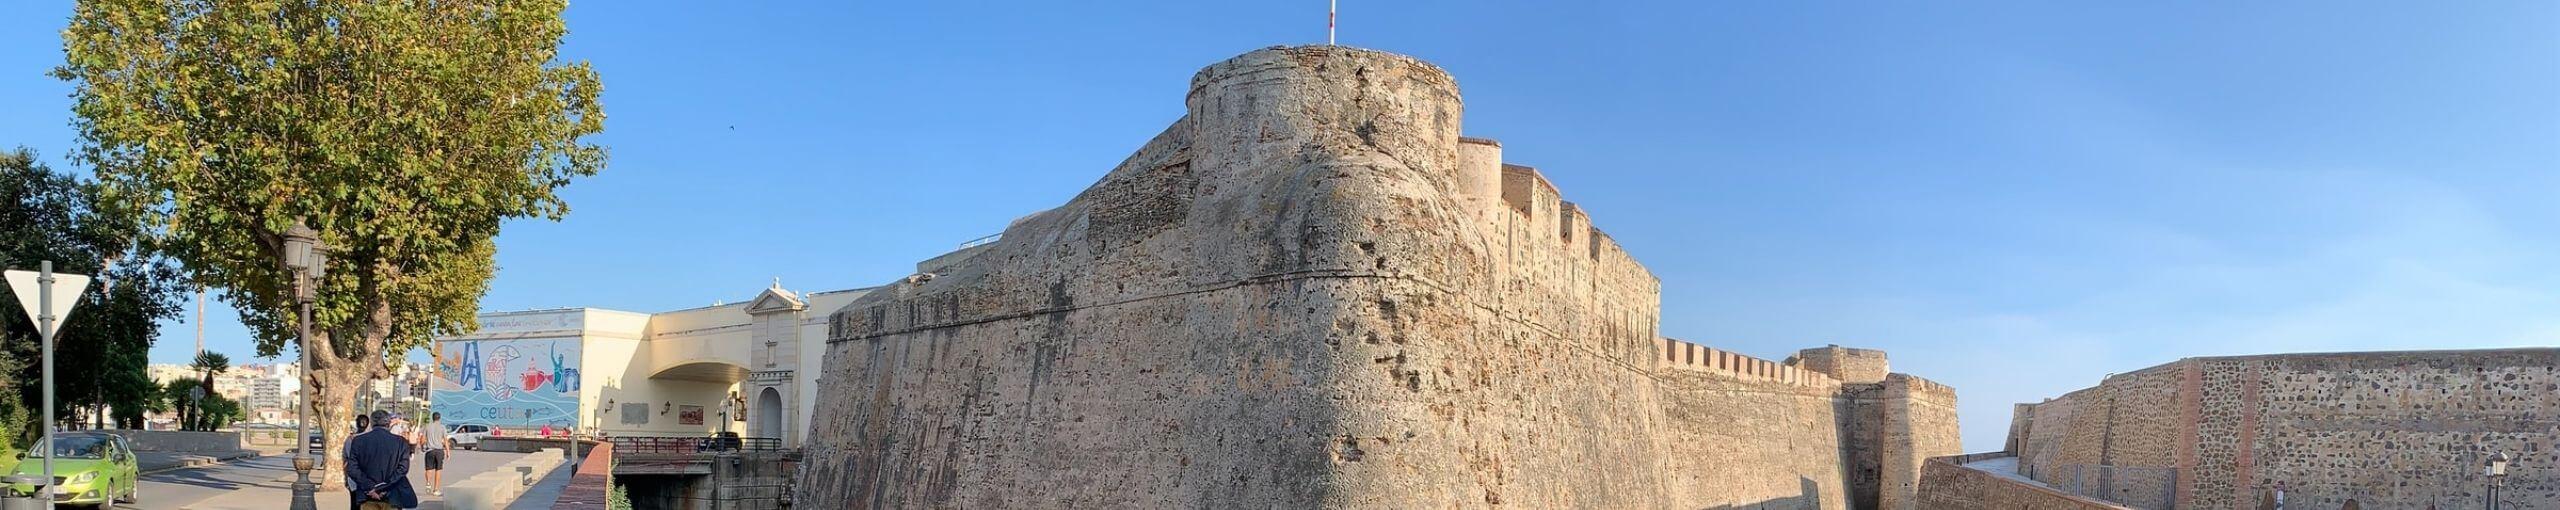 Viajar a Ceuta. Murallas Reales.